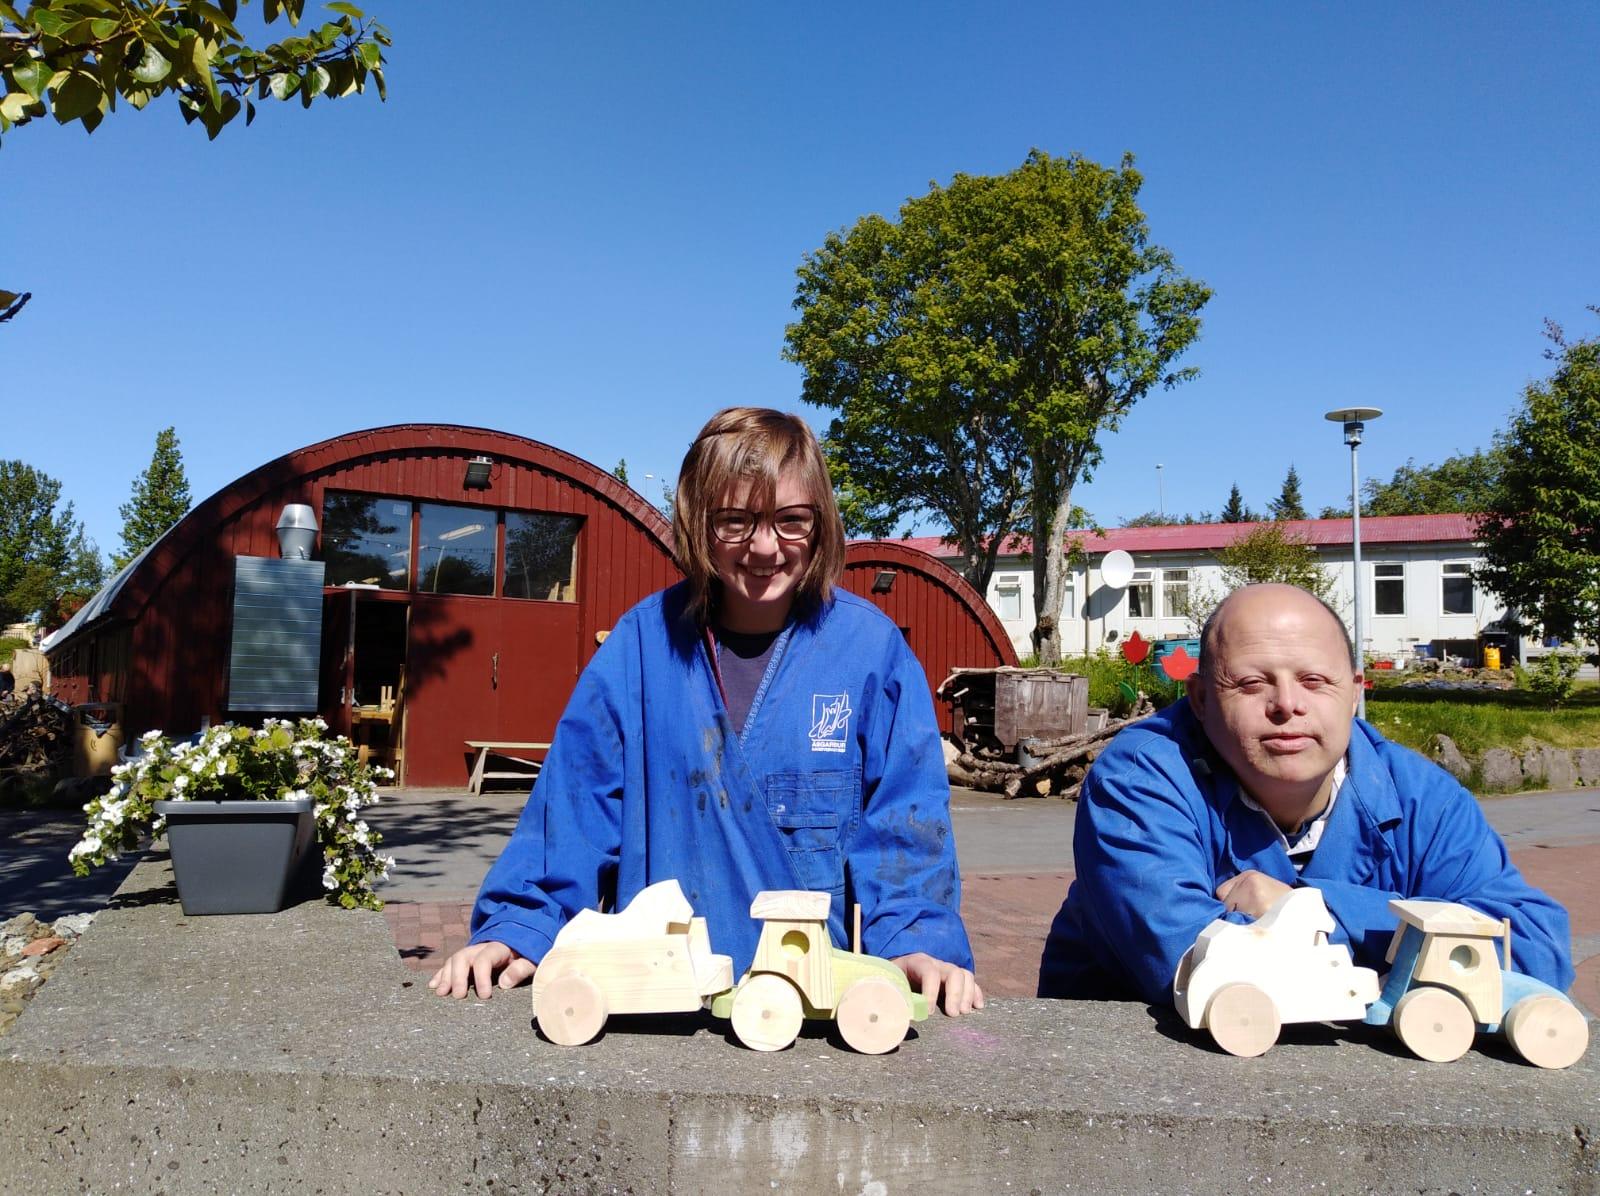 Quatre persones del Grup Alba són a Islàndia per conèixer un projecte de fusteria d'una entitat social, gràcies al programa europeu CREA.